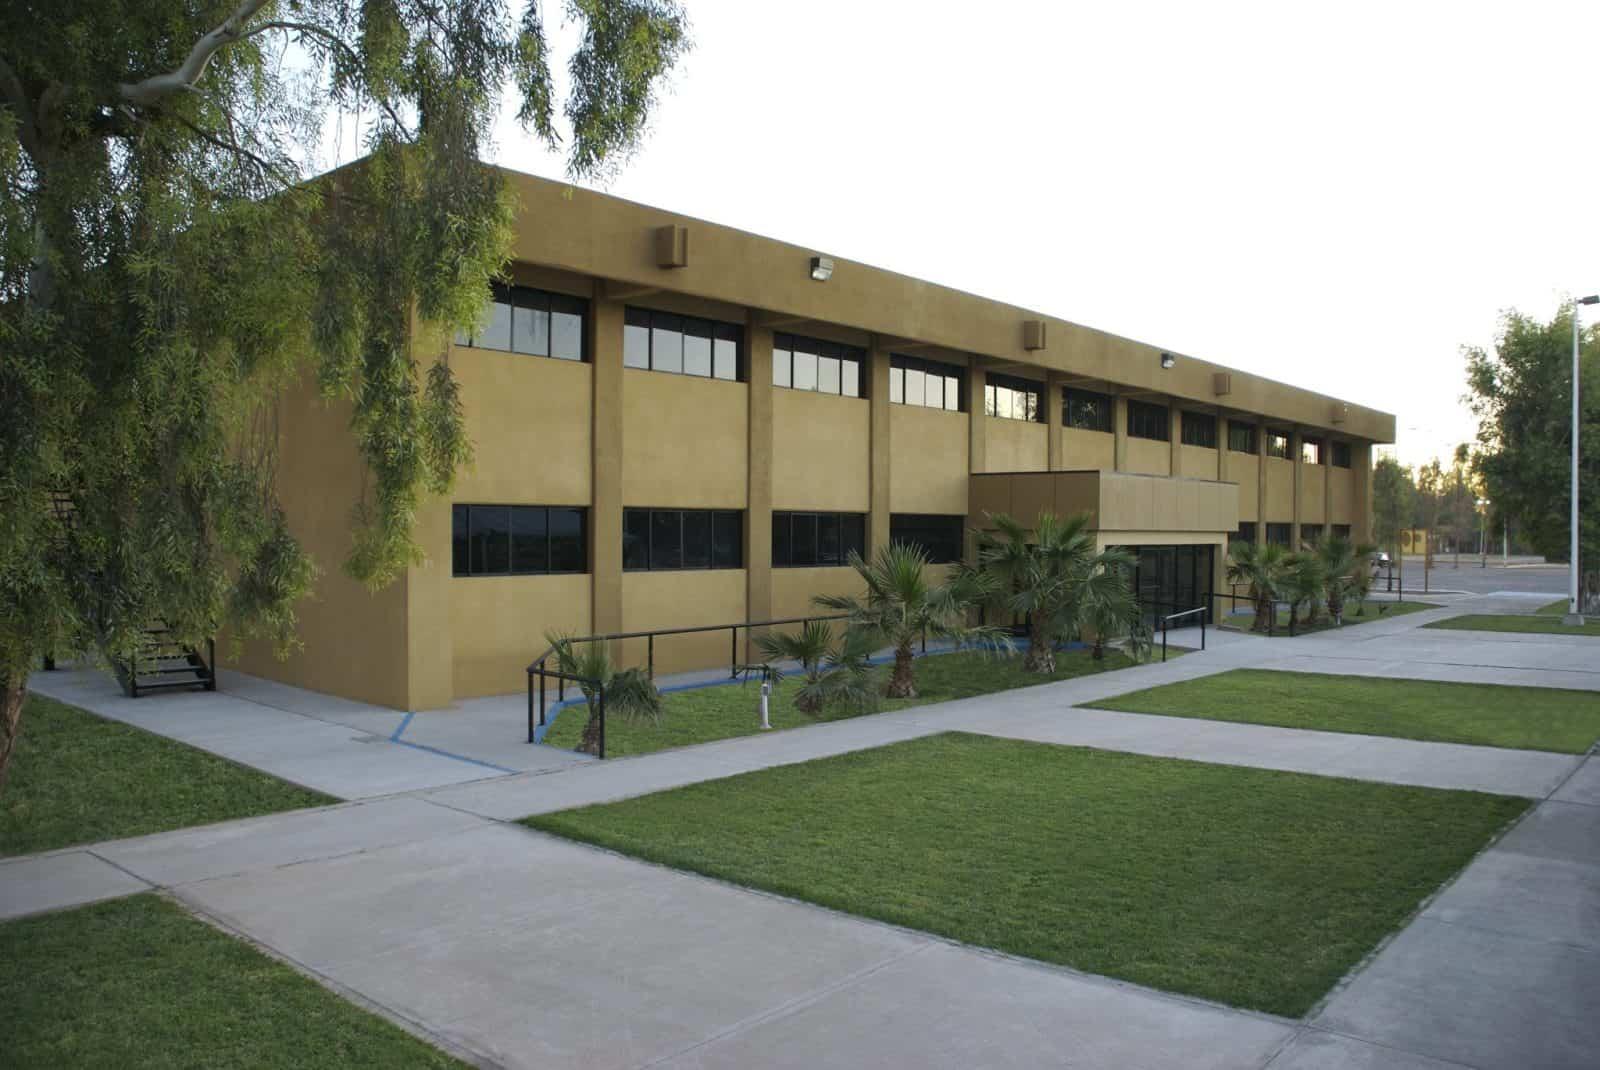 Tecnologico de Mexicali building in Mexicali, Baja California